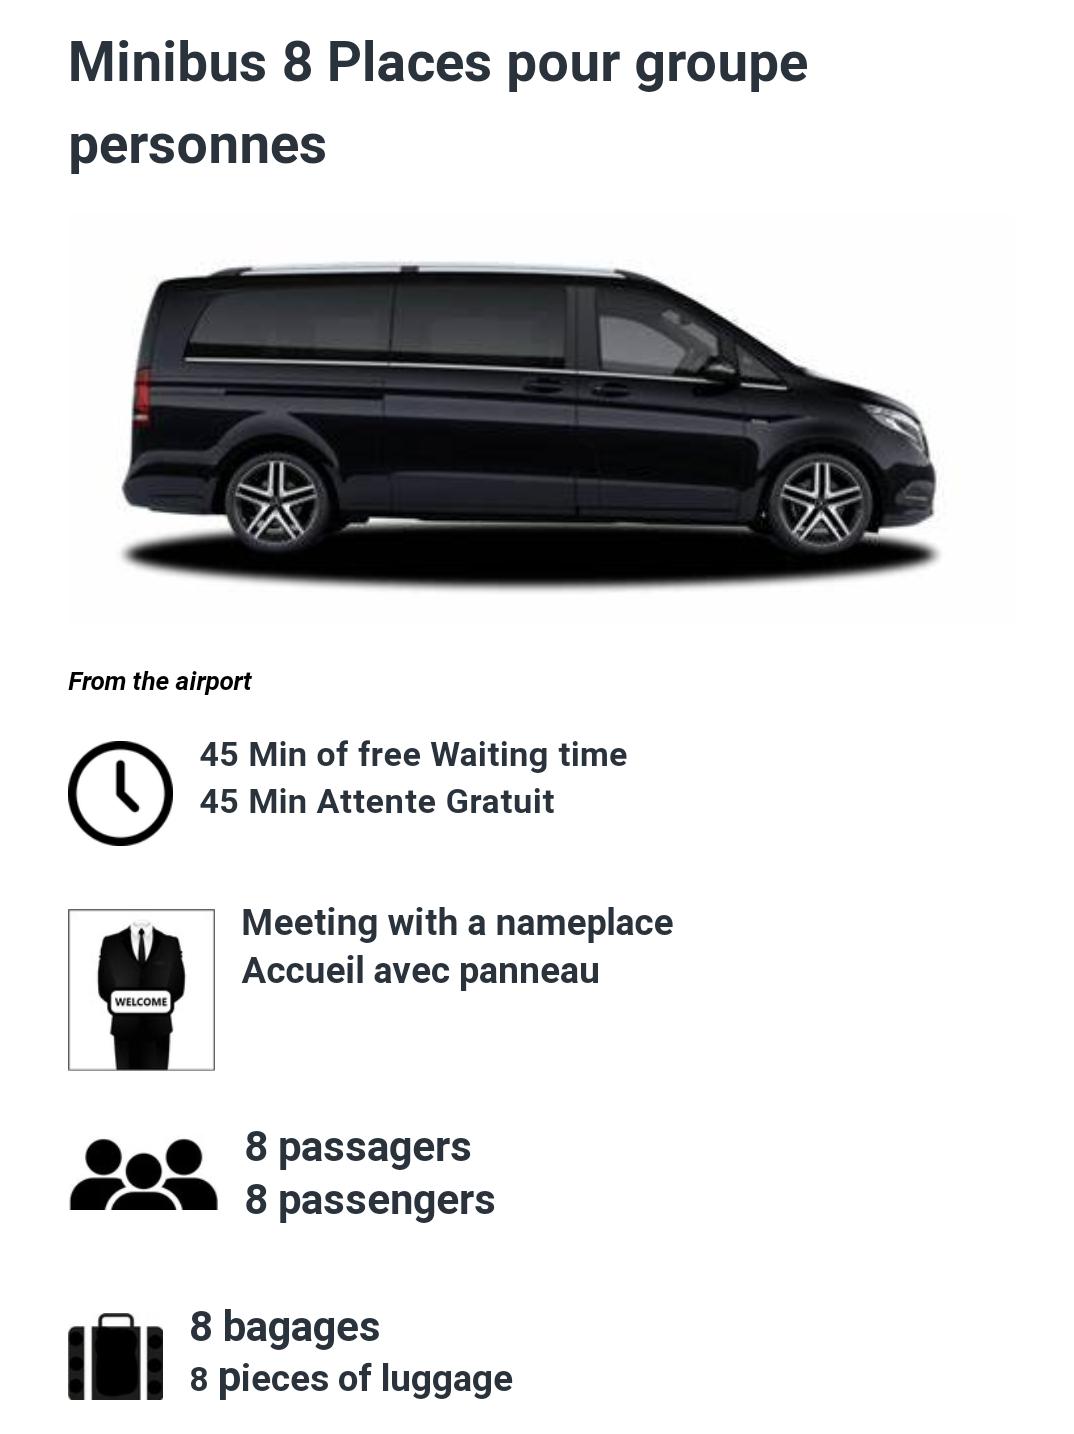 8 Passenger minibus